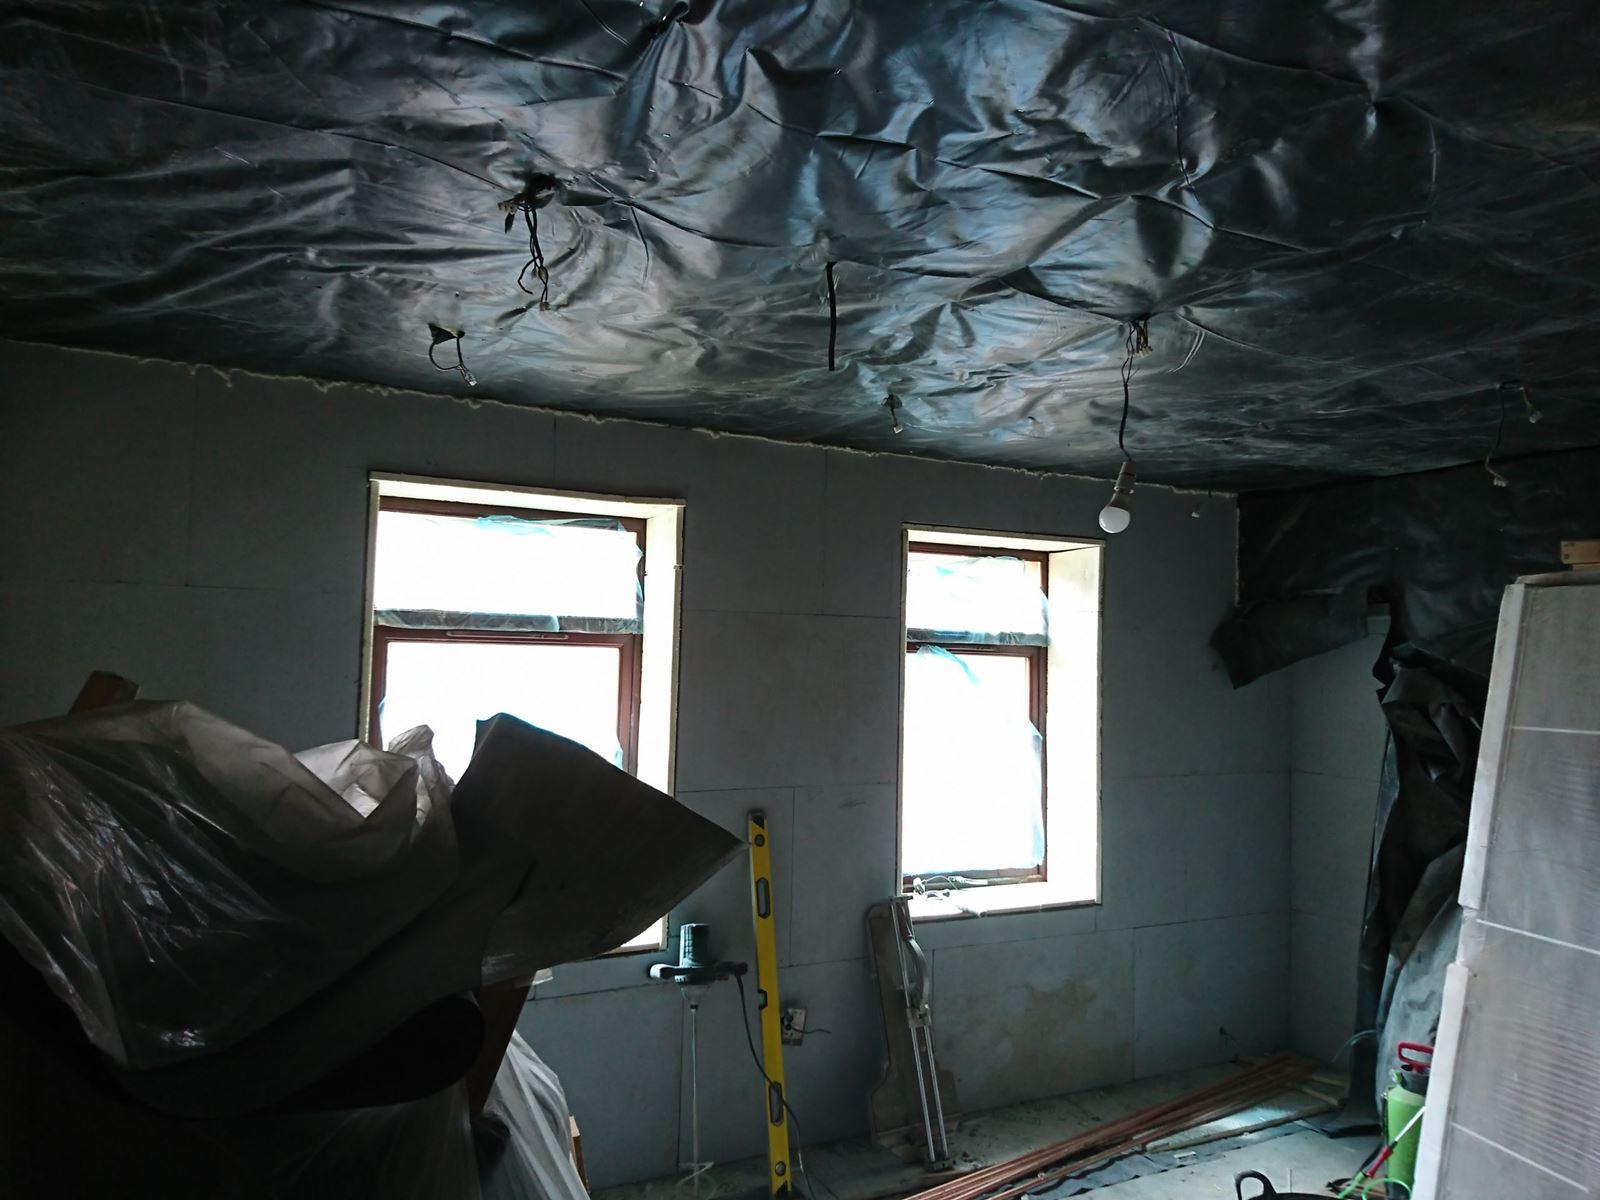 insulation-systems-edinburgh-solid-wall-insulation-edinburgh